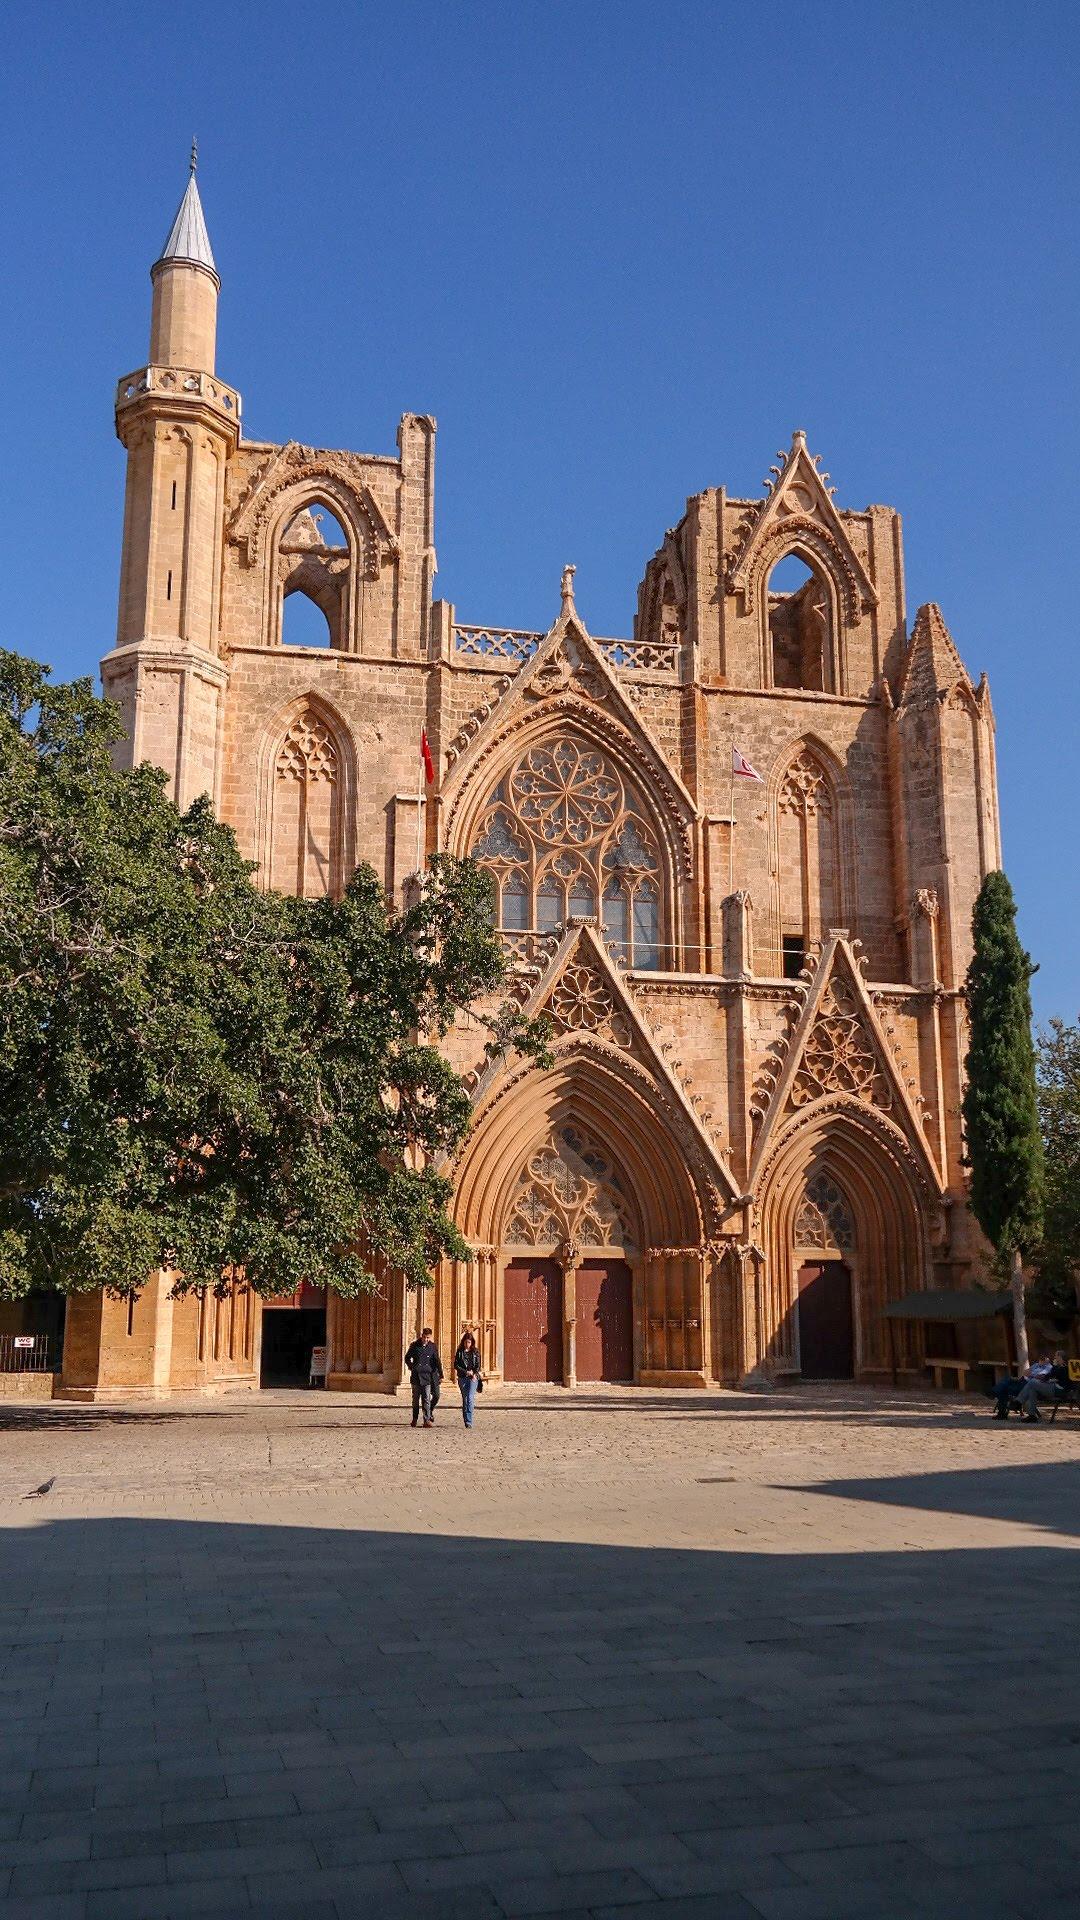 Meczet Mustafy Lali Paszy Cypr Północny turecki Famagusta co zwiedzić na cyprze zobaczyć blog